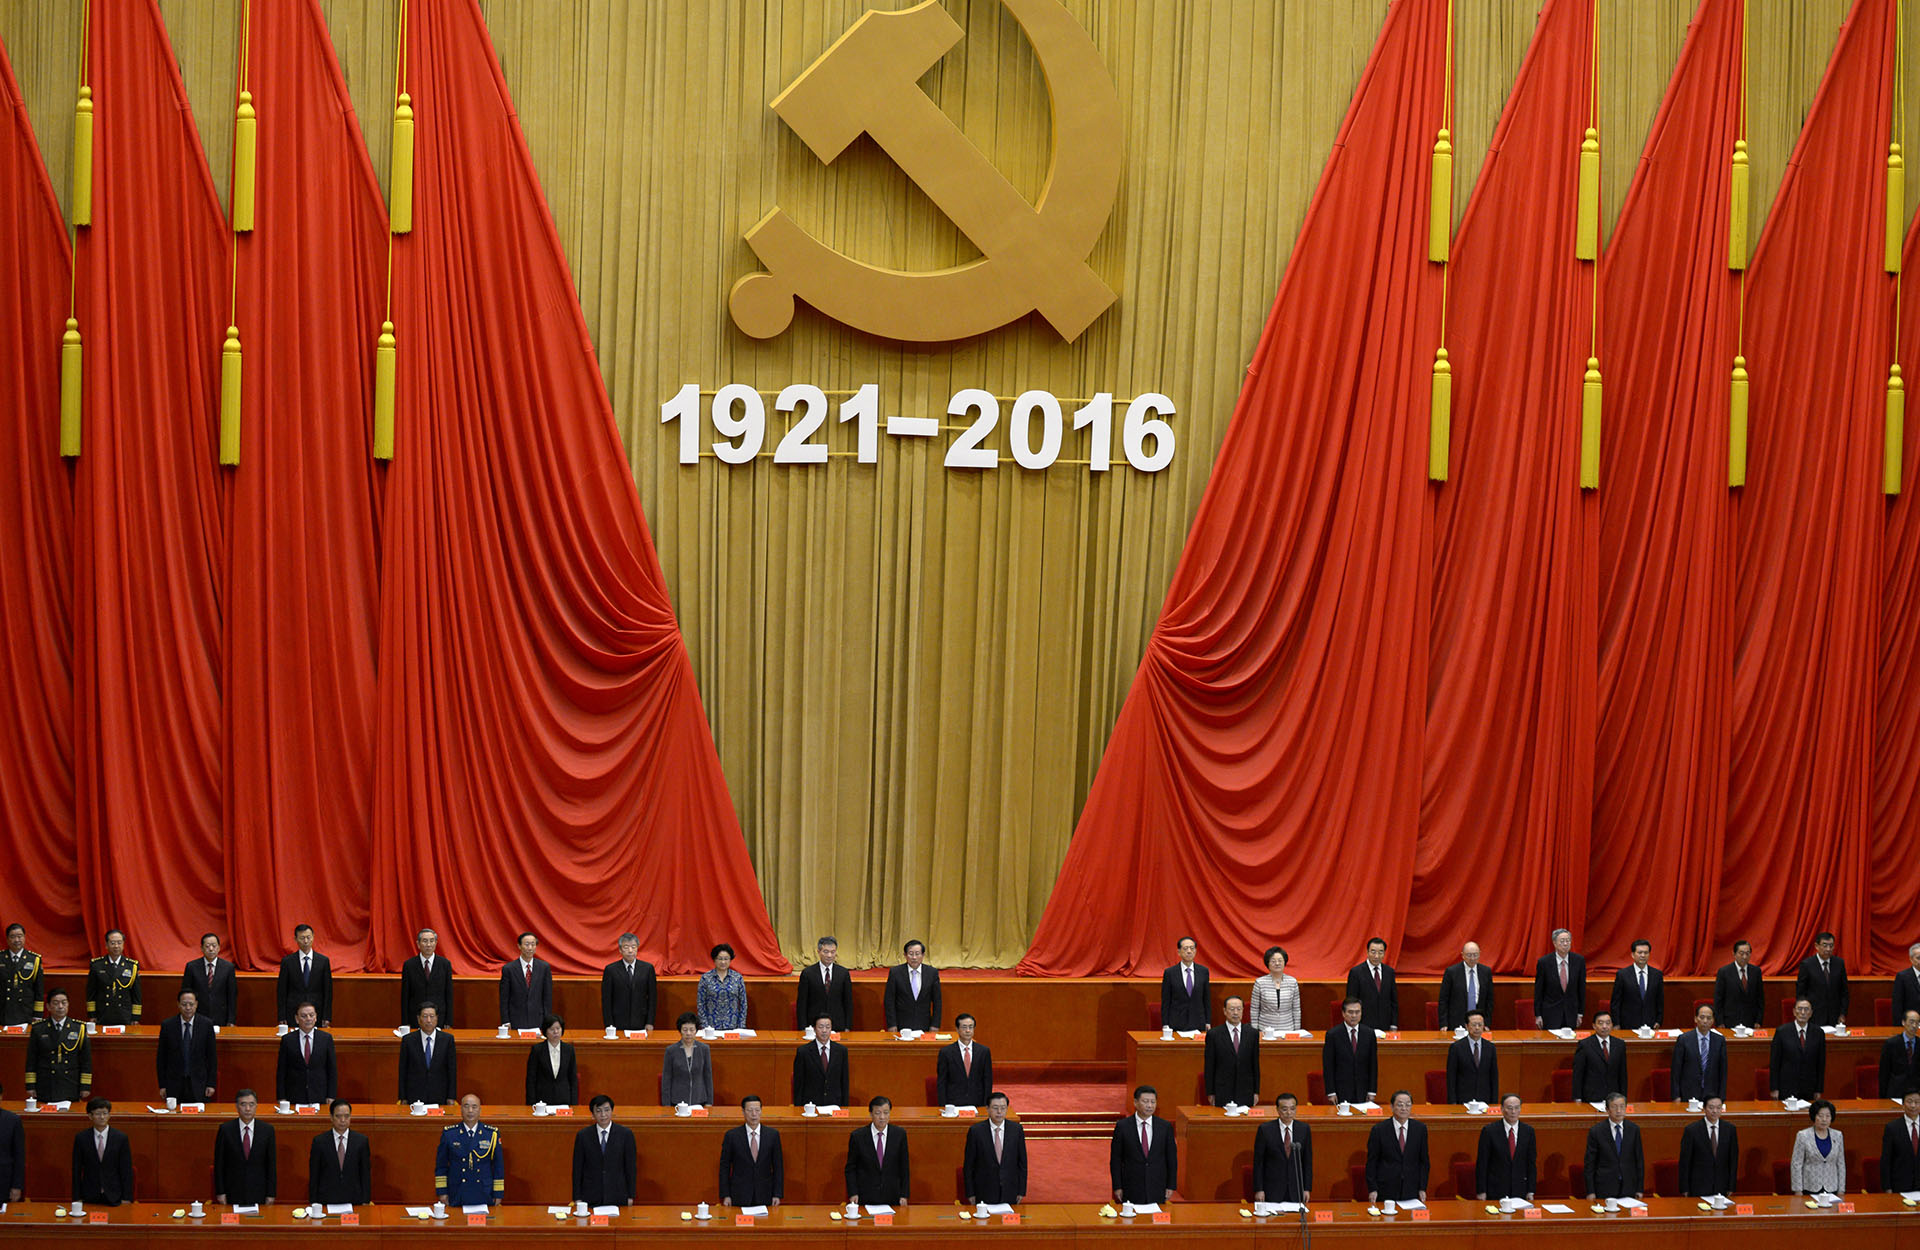 El gobierno de Xi Jinping celebró los 95 años desde la fundación del Partido Comunista chino (AFP)